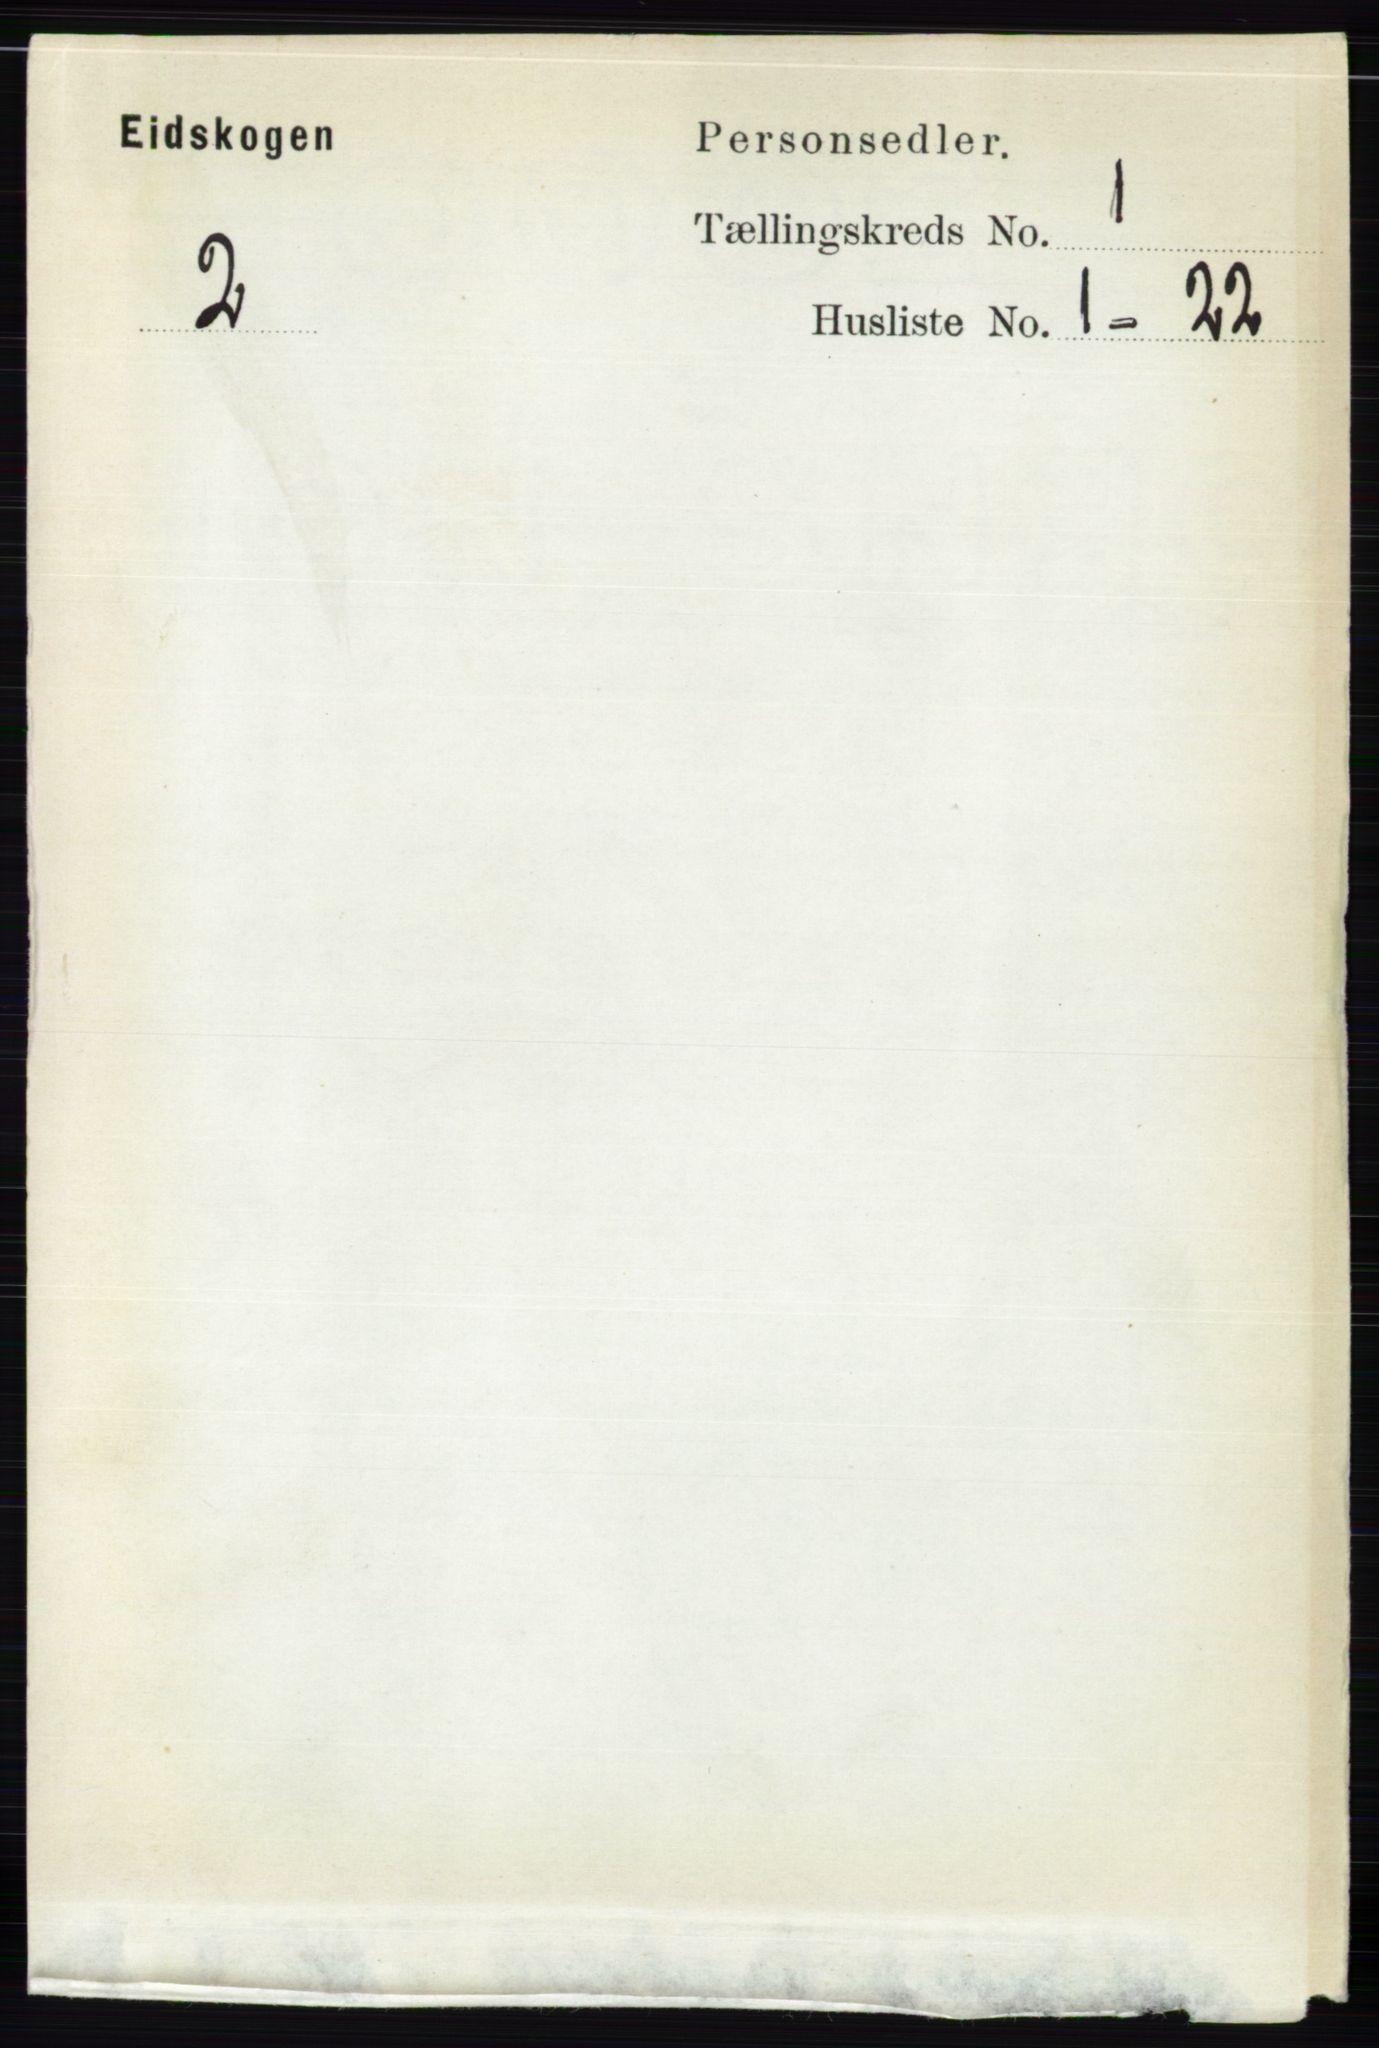 RA, Folketelling 1891 for 0420 Eidskog herred, 1891, s. 93